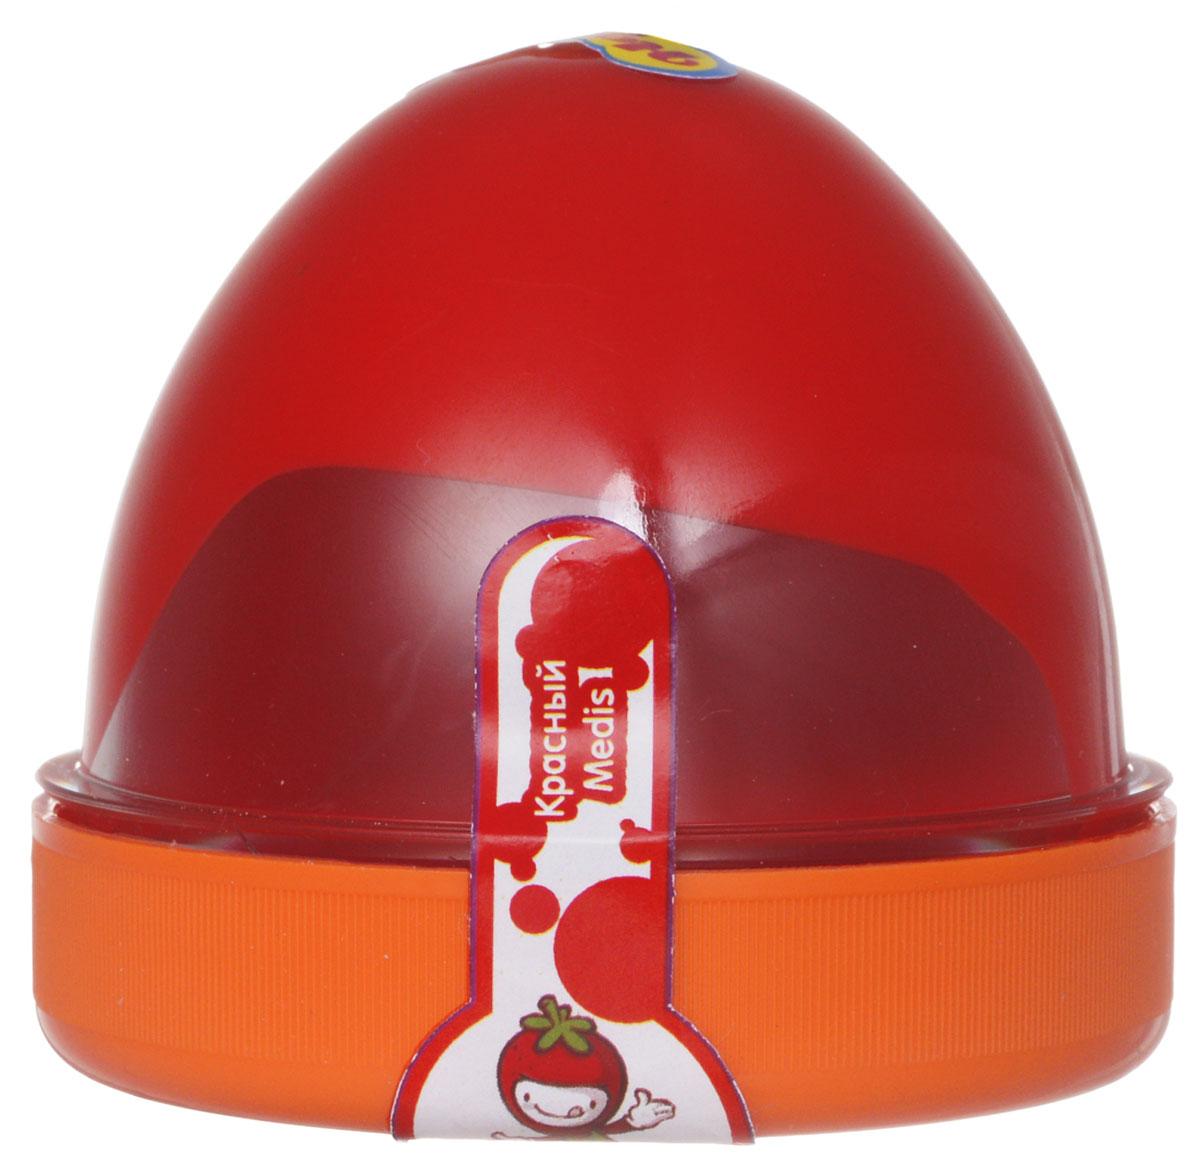 Жвачка для рук ТМ HandGum, цвет: красный, с запахом клубники, 35 г10123Жвачка для рук Hand Gum красного цвета с запахом клубники подарит вам позитив и хорошие эмоции. Она радует глаз и дарит нежные тактильные ощущения, способствуя хорошему настроению. Жвачка для рук изготовлена из упругого, пластичного и приятного на ощупь материала, ее можно растягивать, как резину, а если сильно дернуть, то можно порвать. Из нее отлично получаются скульптуры, которые живут считанные минуты, постепенно превращаясь в лужи. Прилепите ее на дверную ручку - и он капнет, скатайте шарик и ударьте об пол - он подпрыгнет. Кубик, кстати, тоже подпрыгнет, но совсем не туда, куда ожидается. Характеристики: Цвет: красный. Вес: 35 г. Размер упаковки: 5,5 см х 6 см х 6 см.